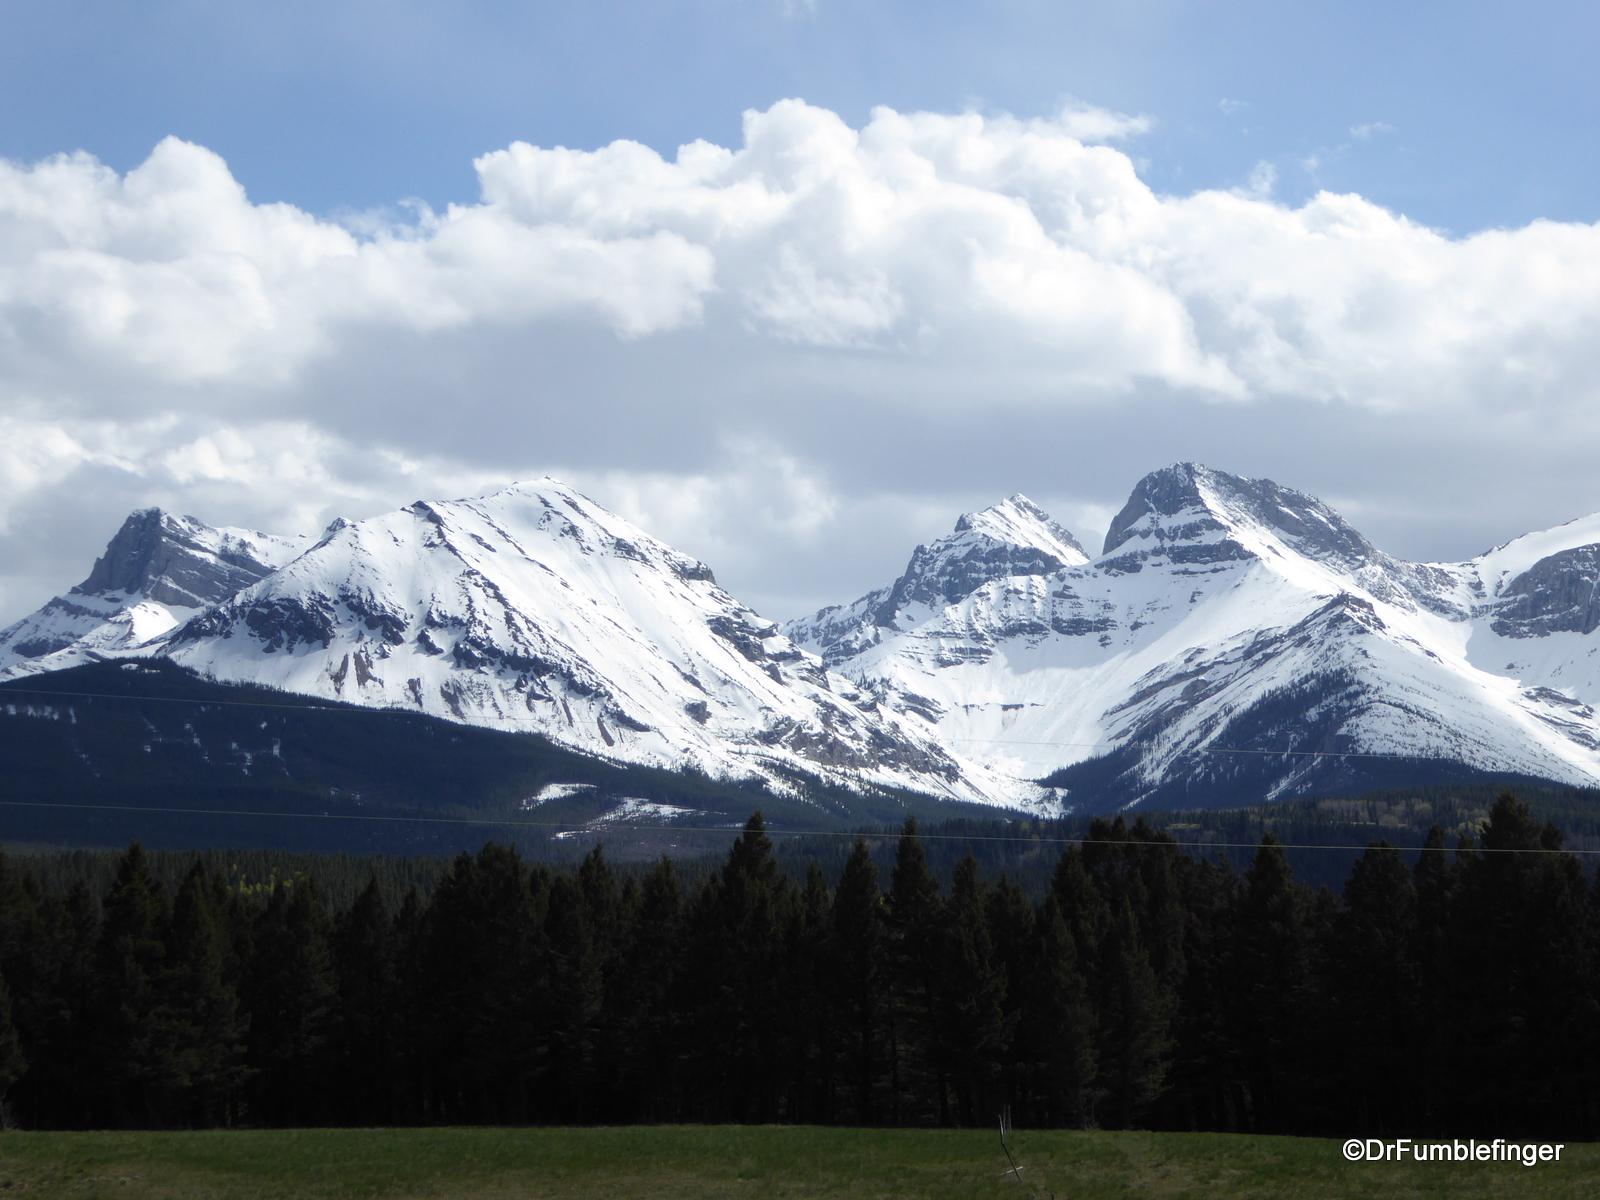 Spring in the Alberta Rockies